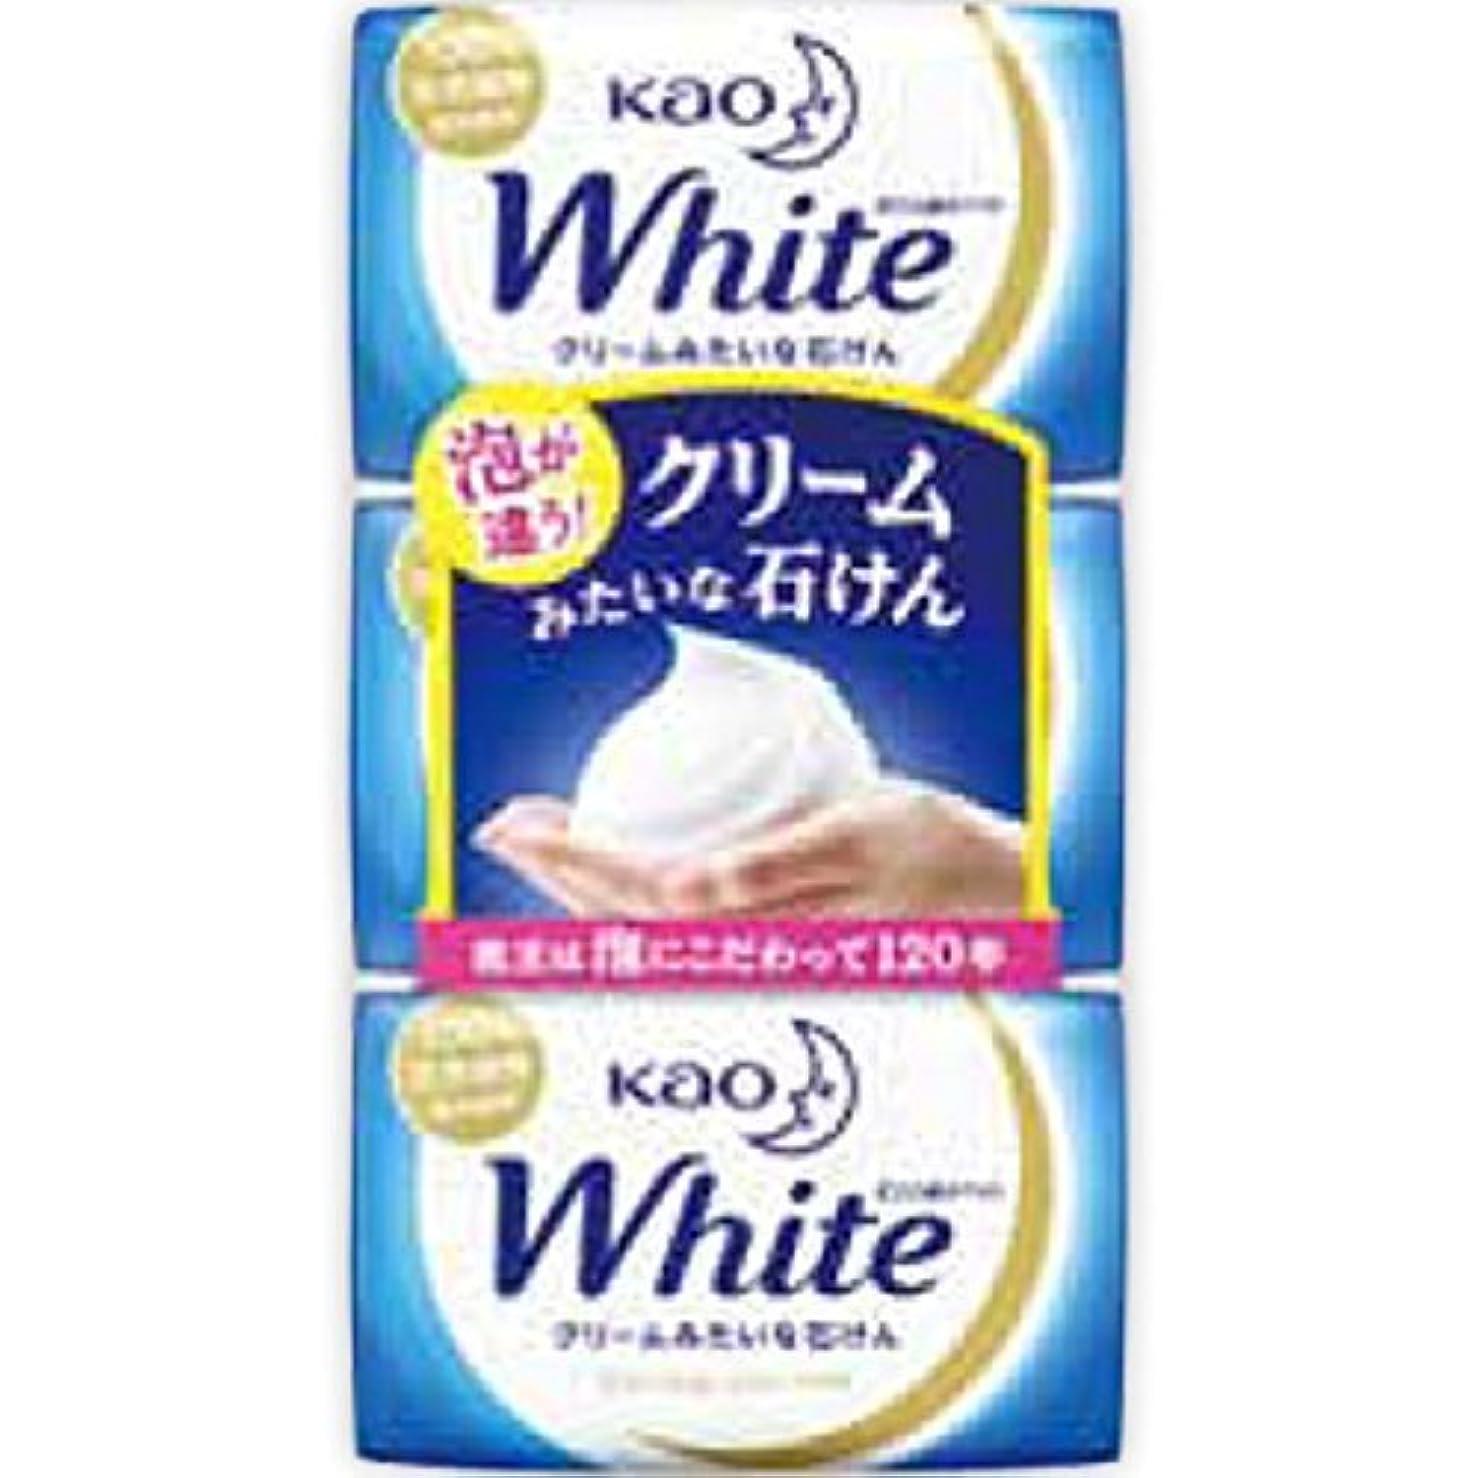 キャプテンブライタンクスケート花王ホワイト レギュラーサイズ 85g*3個入